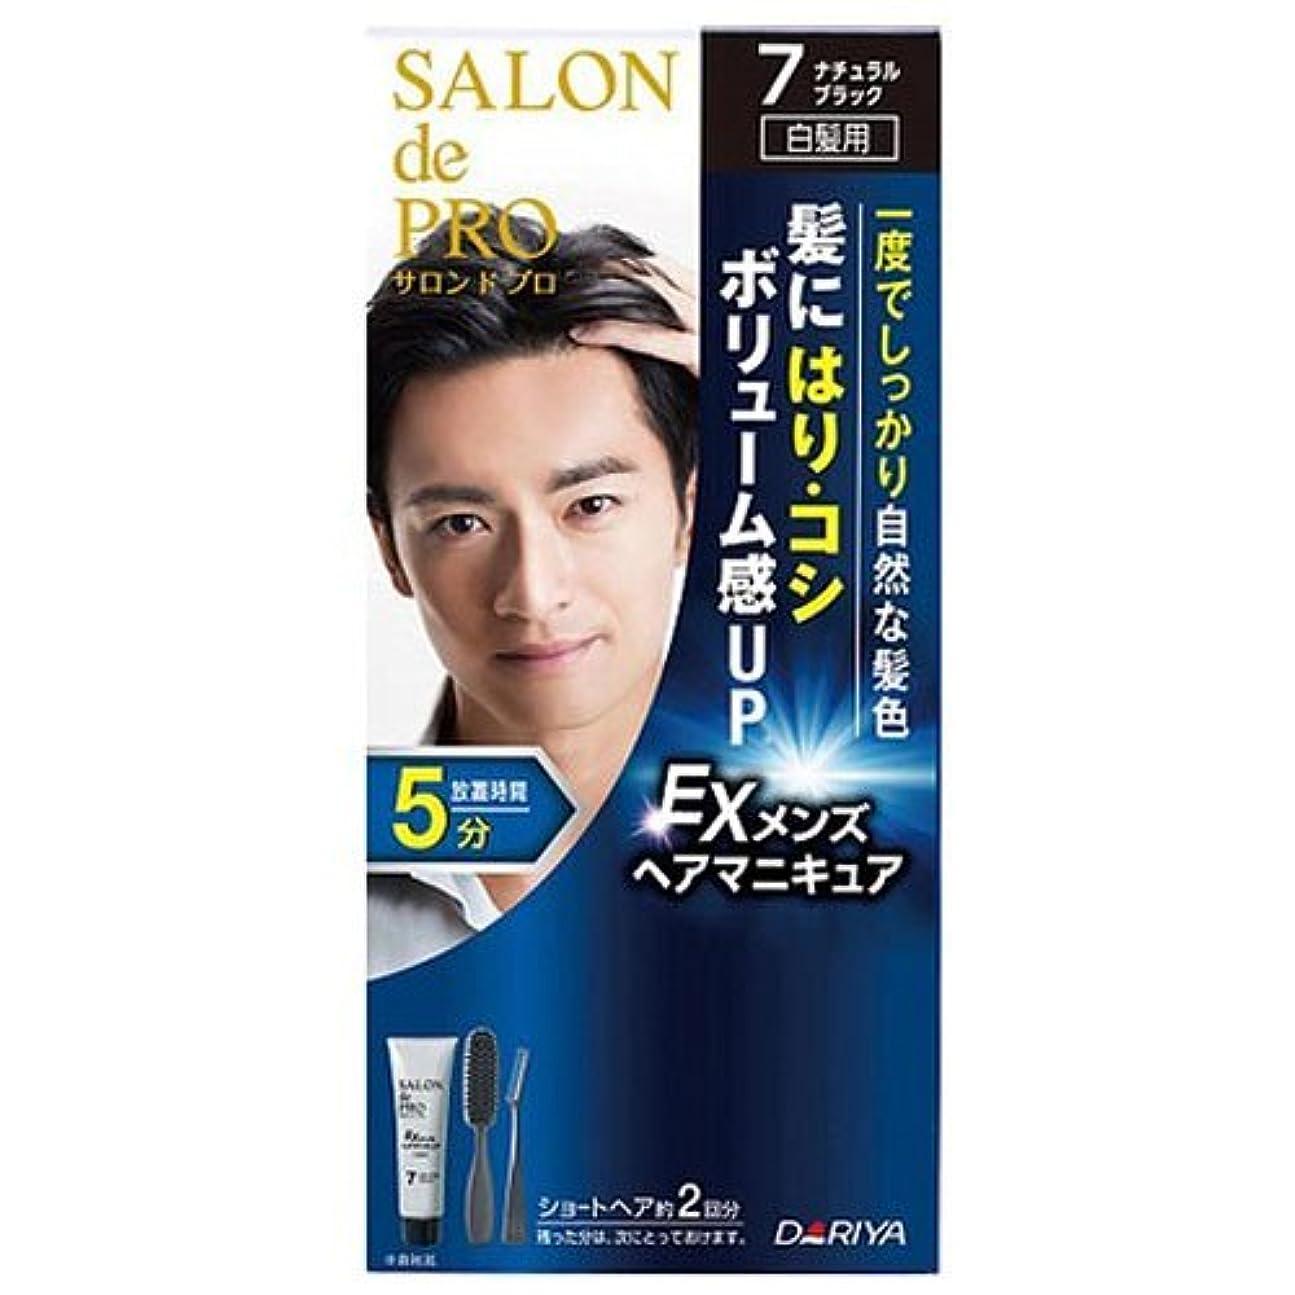 固体原点筋肉のサロンドプロ EXメンズヘアマニキュア 白髪用 7 ナチュラルブラック